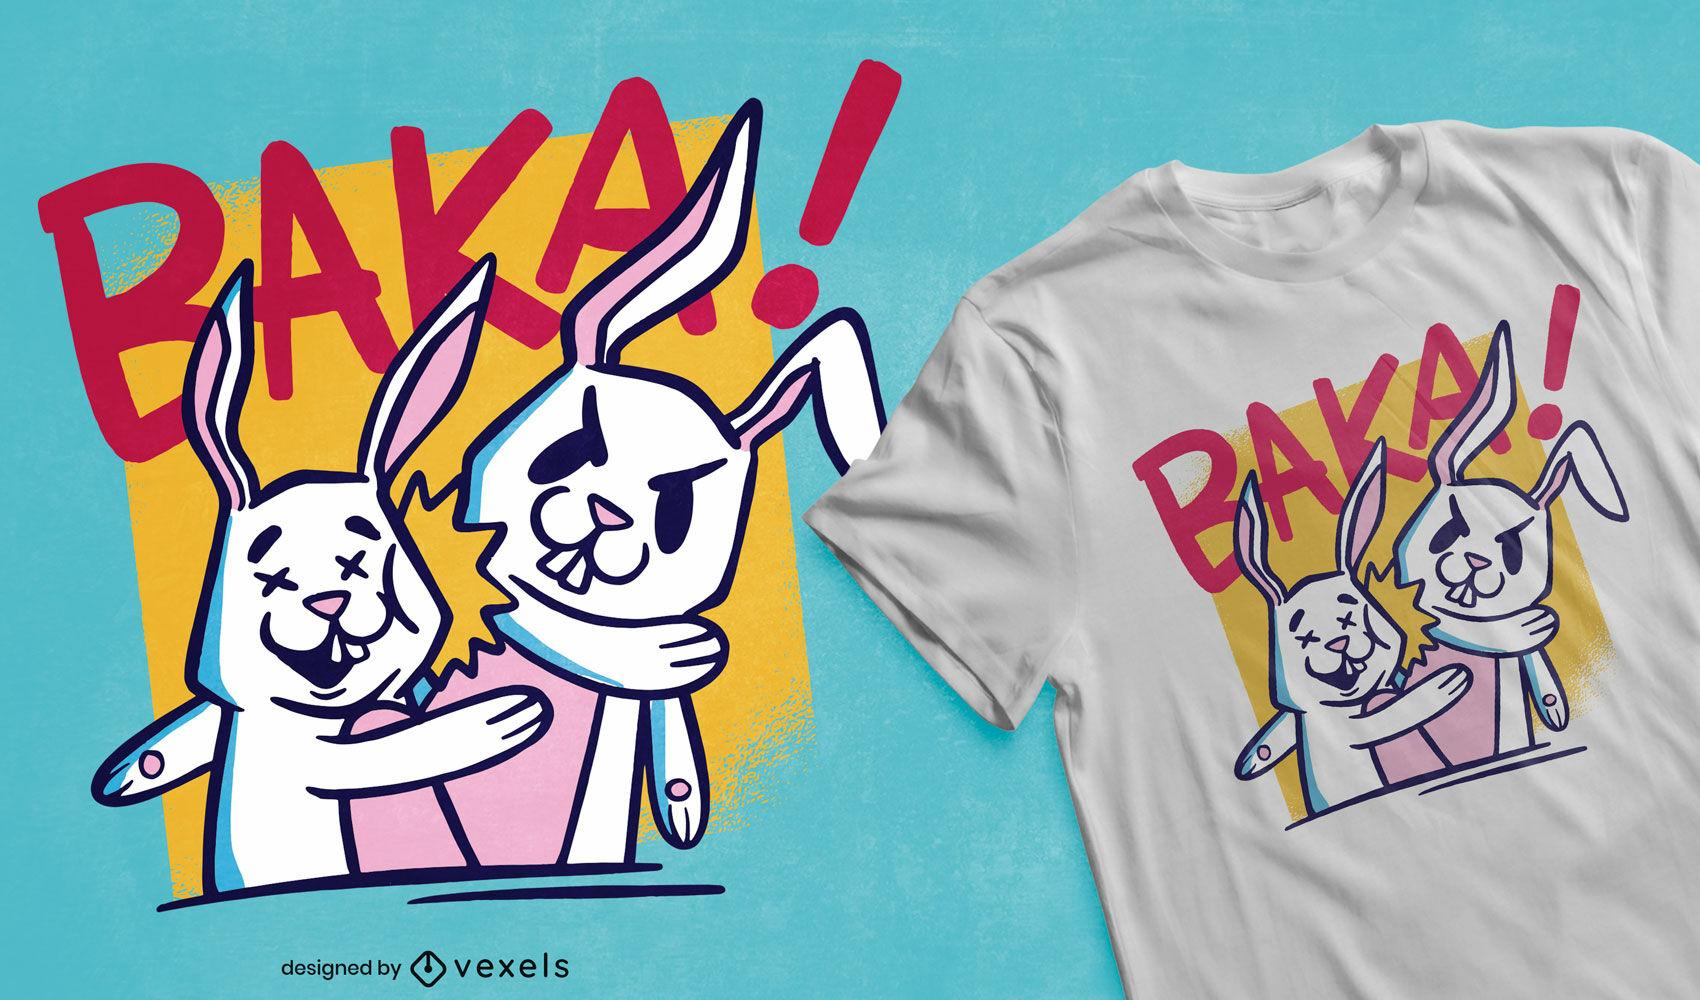 Bunny rabbit slap animal t-shirt design